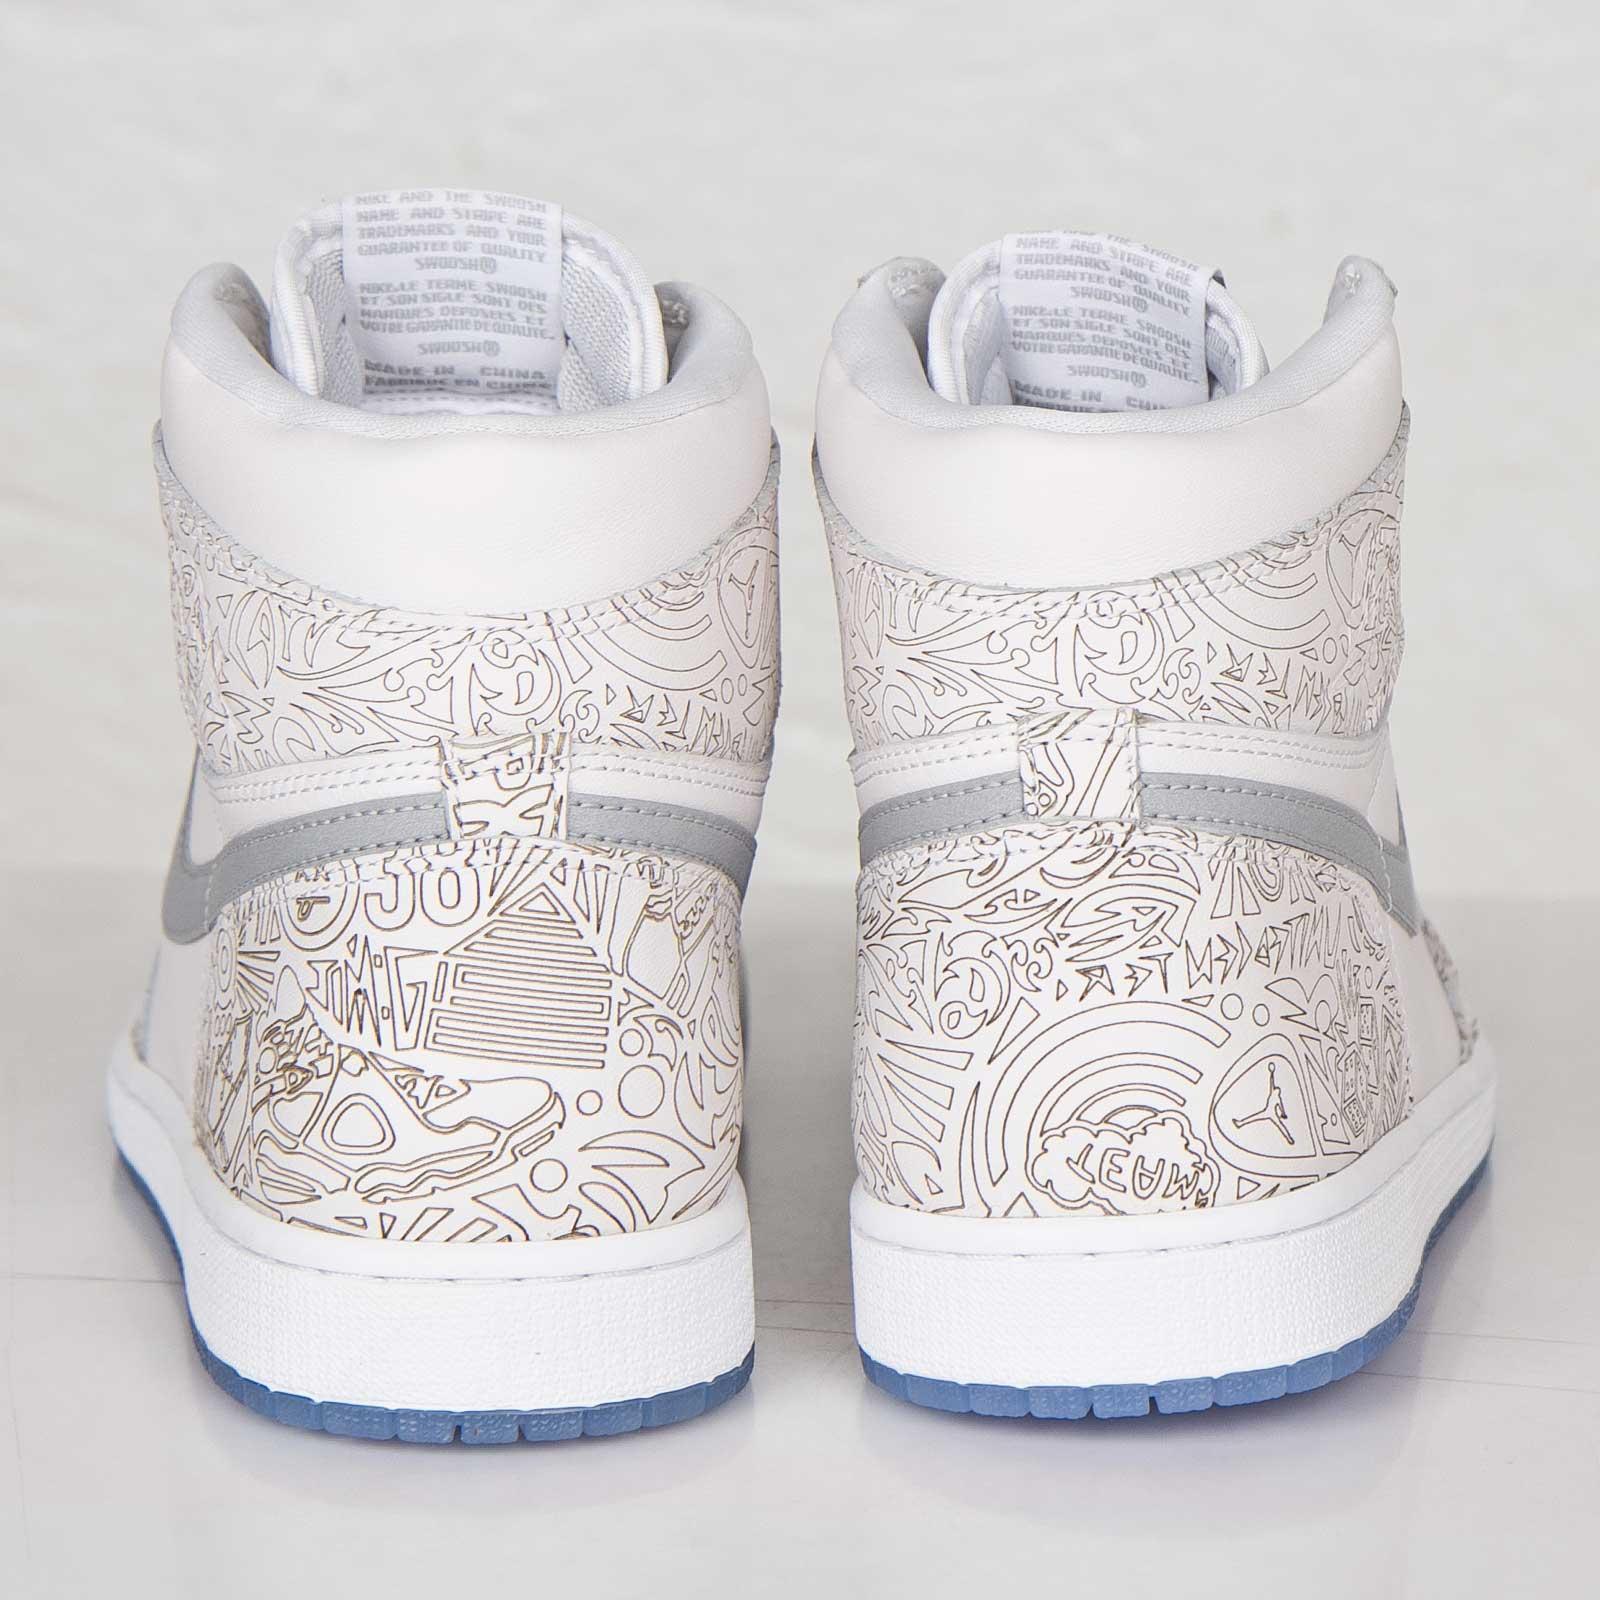 Jordan Brand Air Jordan 1 Retro Hi OG Laser - 705289-100 ... 39f77ab47a84